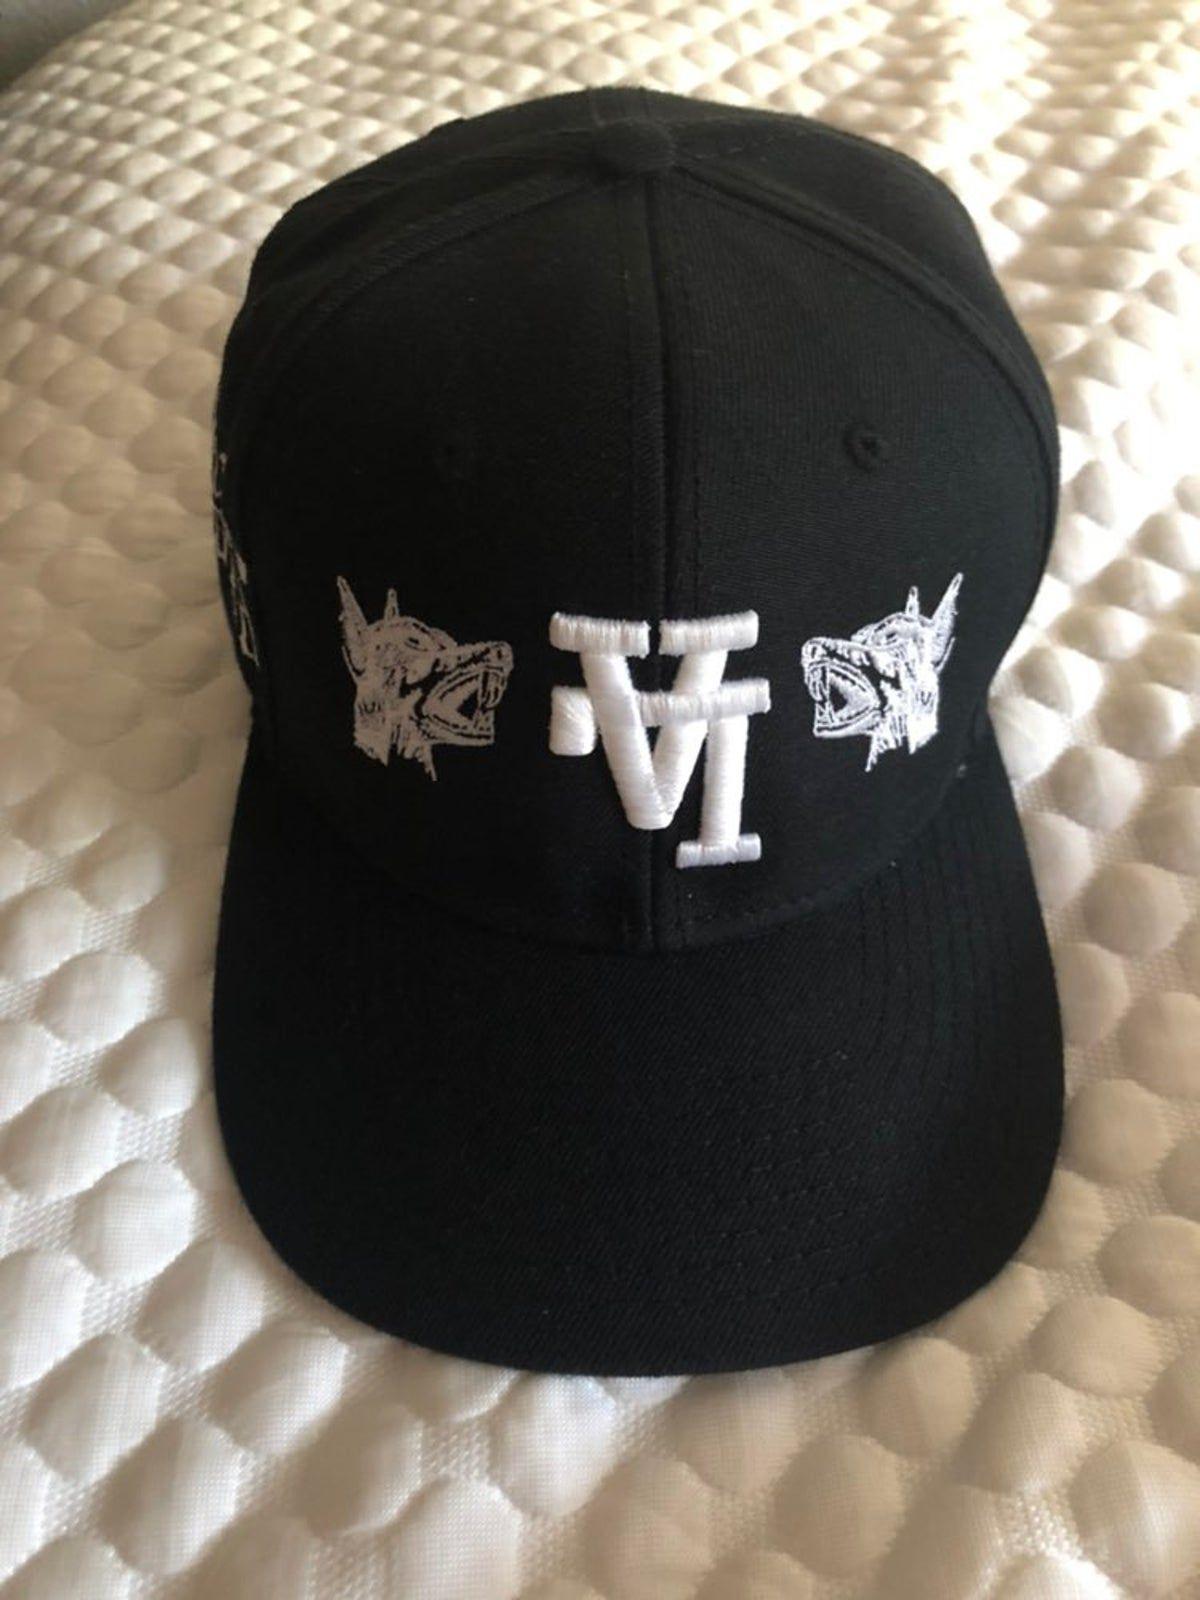 Tuff Crowd X Kth La Hat In 2021 Custom Fitted Hats Streetwear Hats Fitted Hats